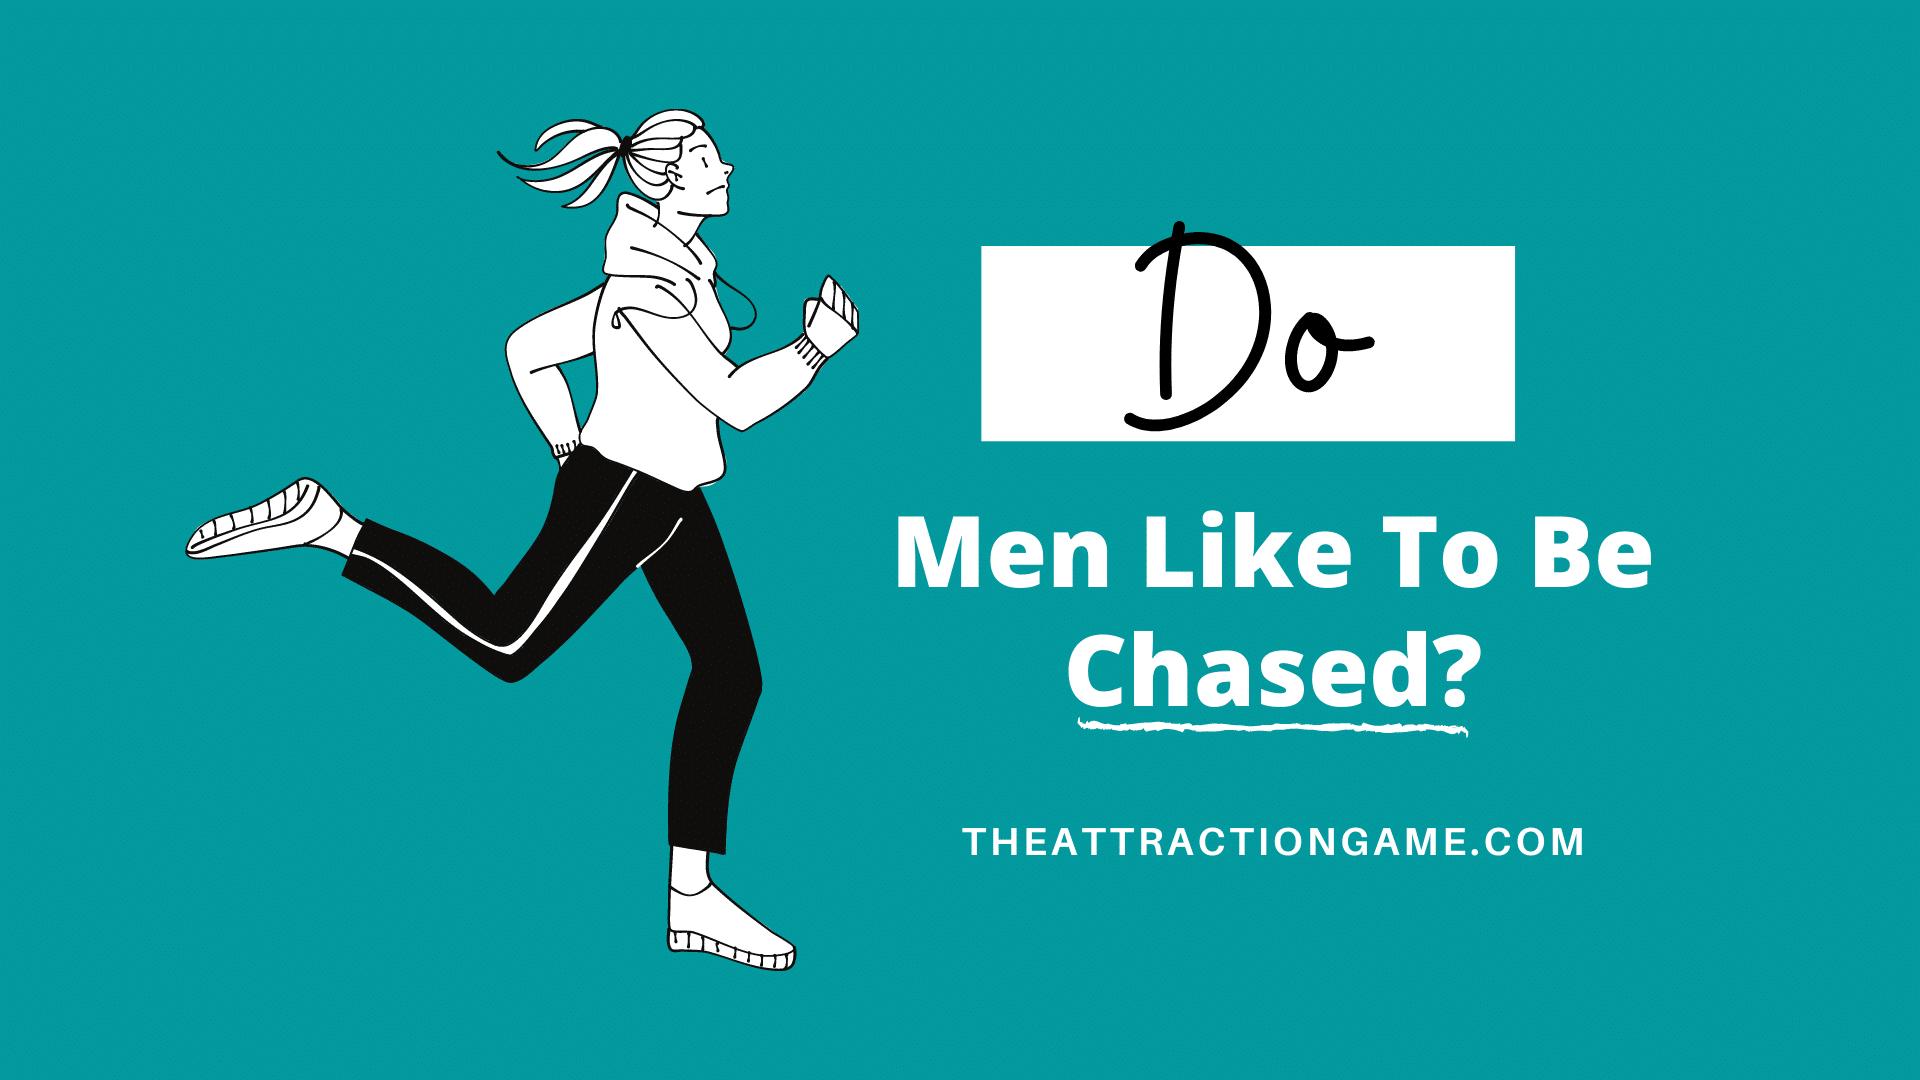 chasing men, do guys like being chased, do men like being chased, why men don't like to be chased